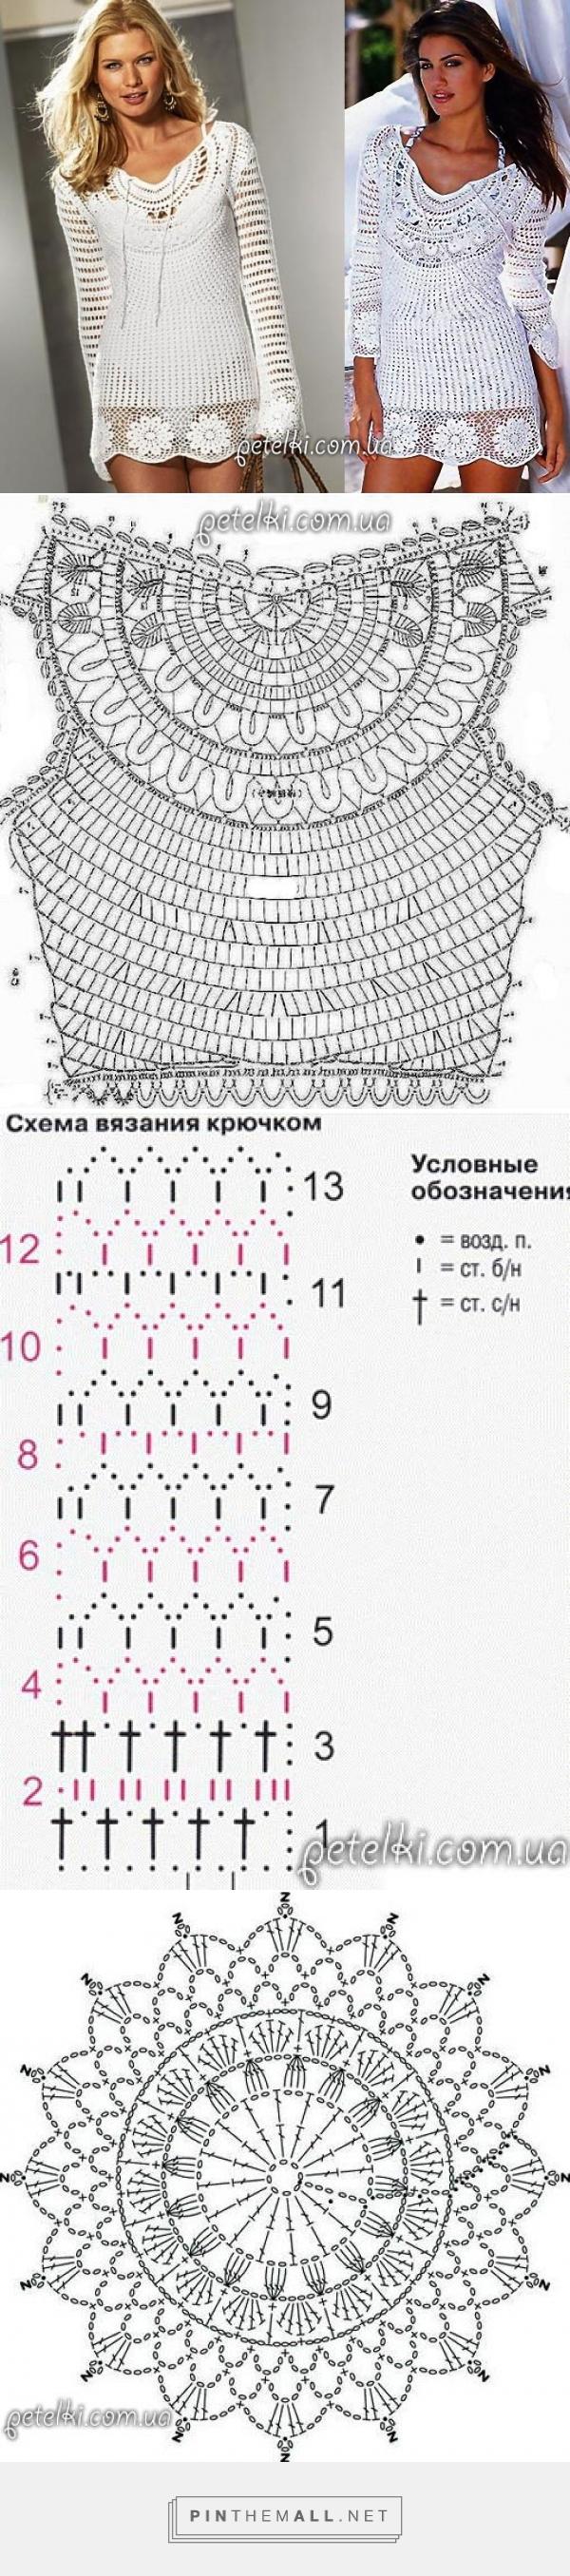 Крупные схемы туник крючком